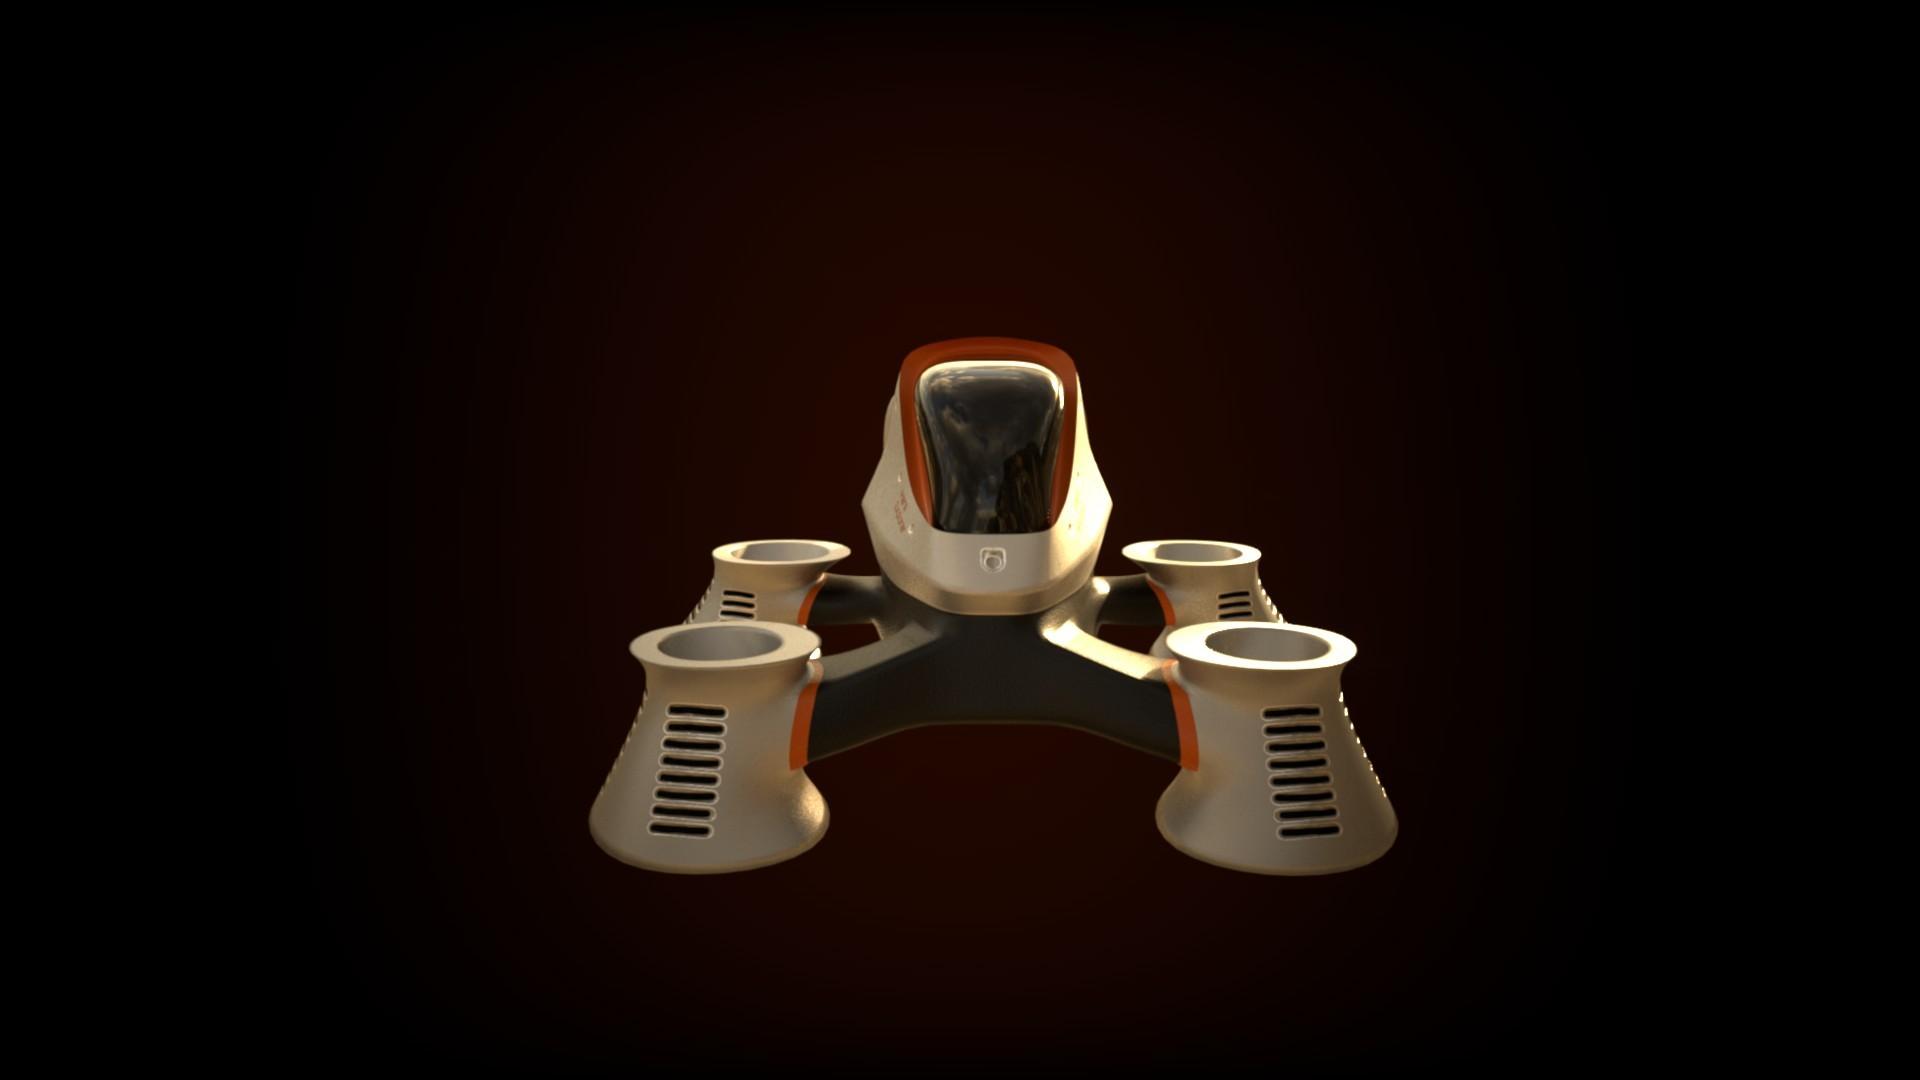 Emanuel cacciola drone v2 13